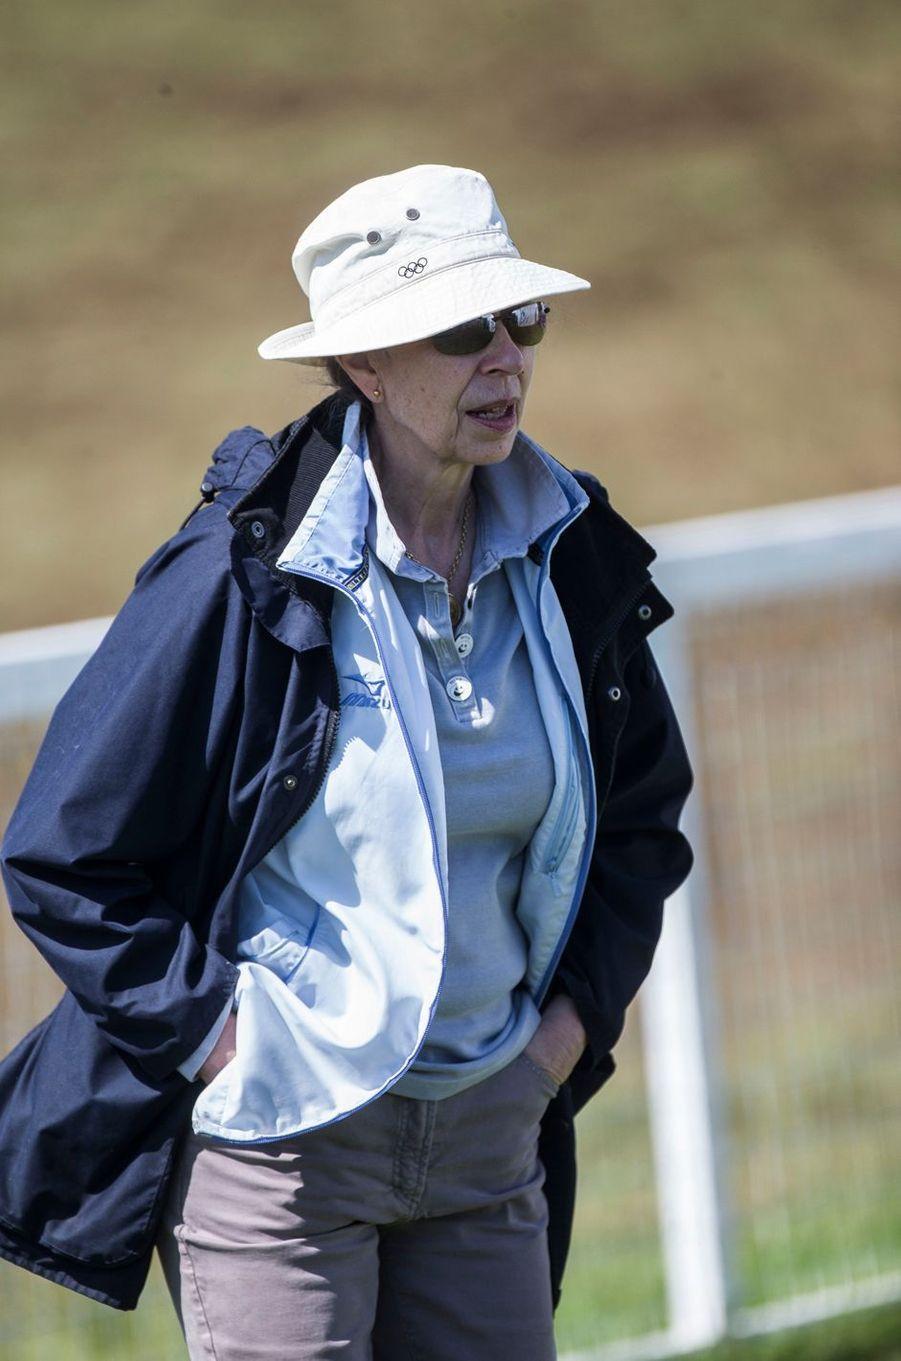 La princesse Anne à Gatcombe Park, le 5 août 2017